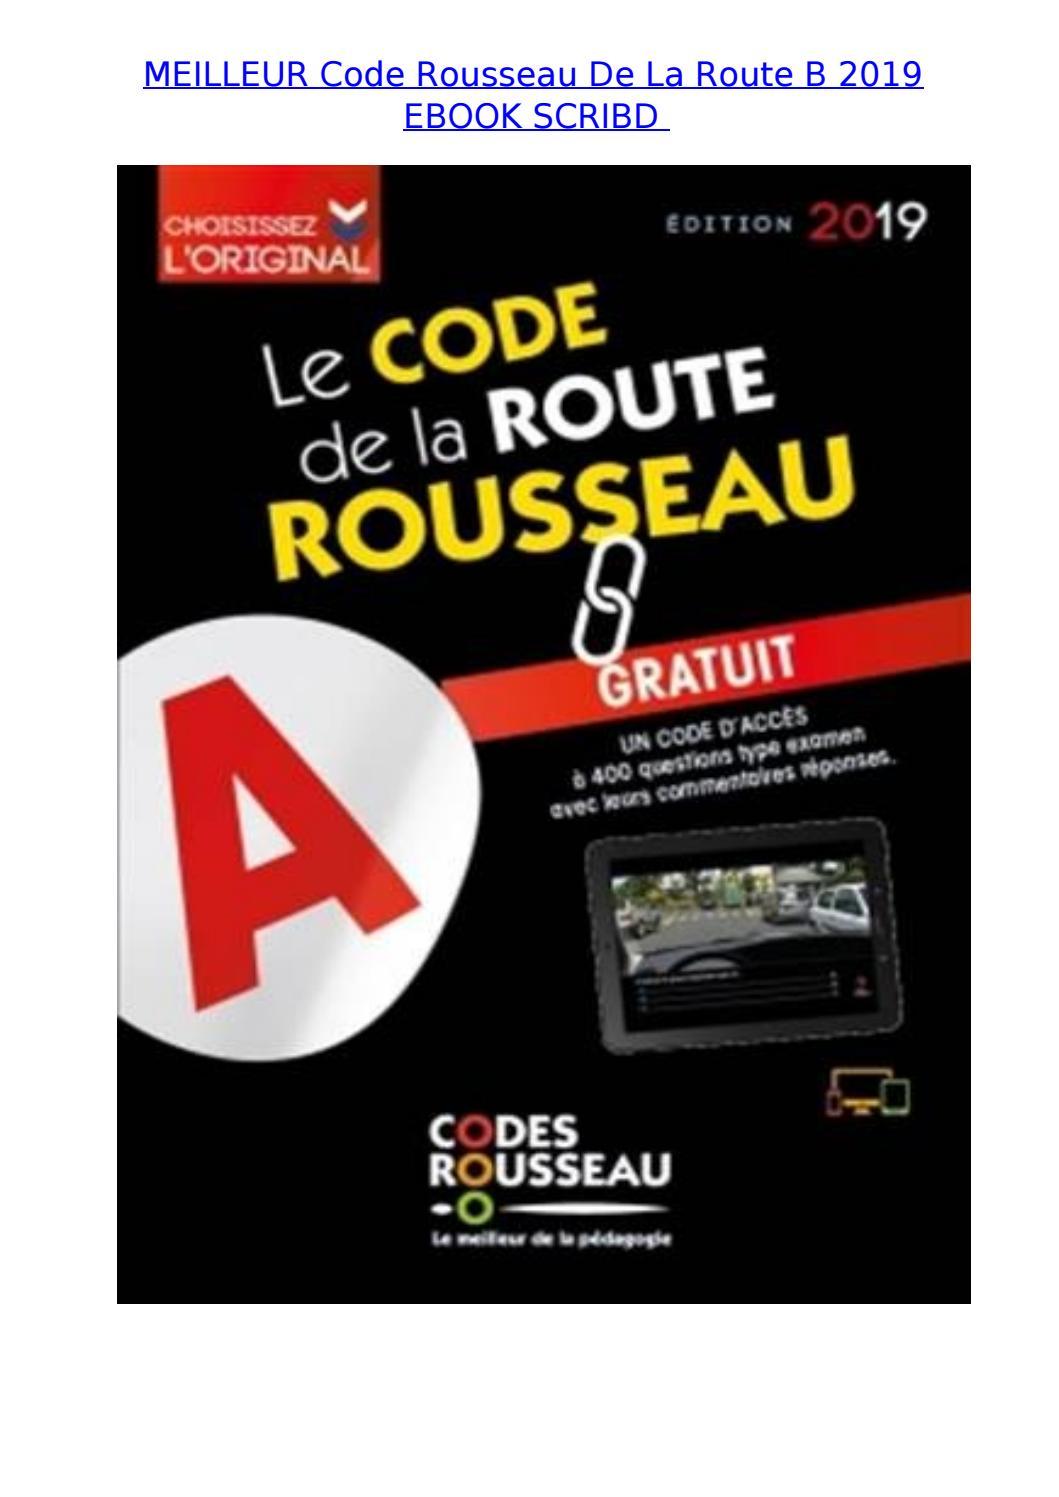 Code De La Route Rousseau : route, rousseau, Meilleur, Rousseau, Route, Ebook, Scribd, Faizal.idrus.7410, Issuu